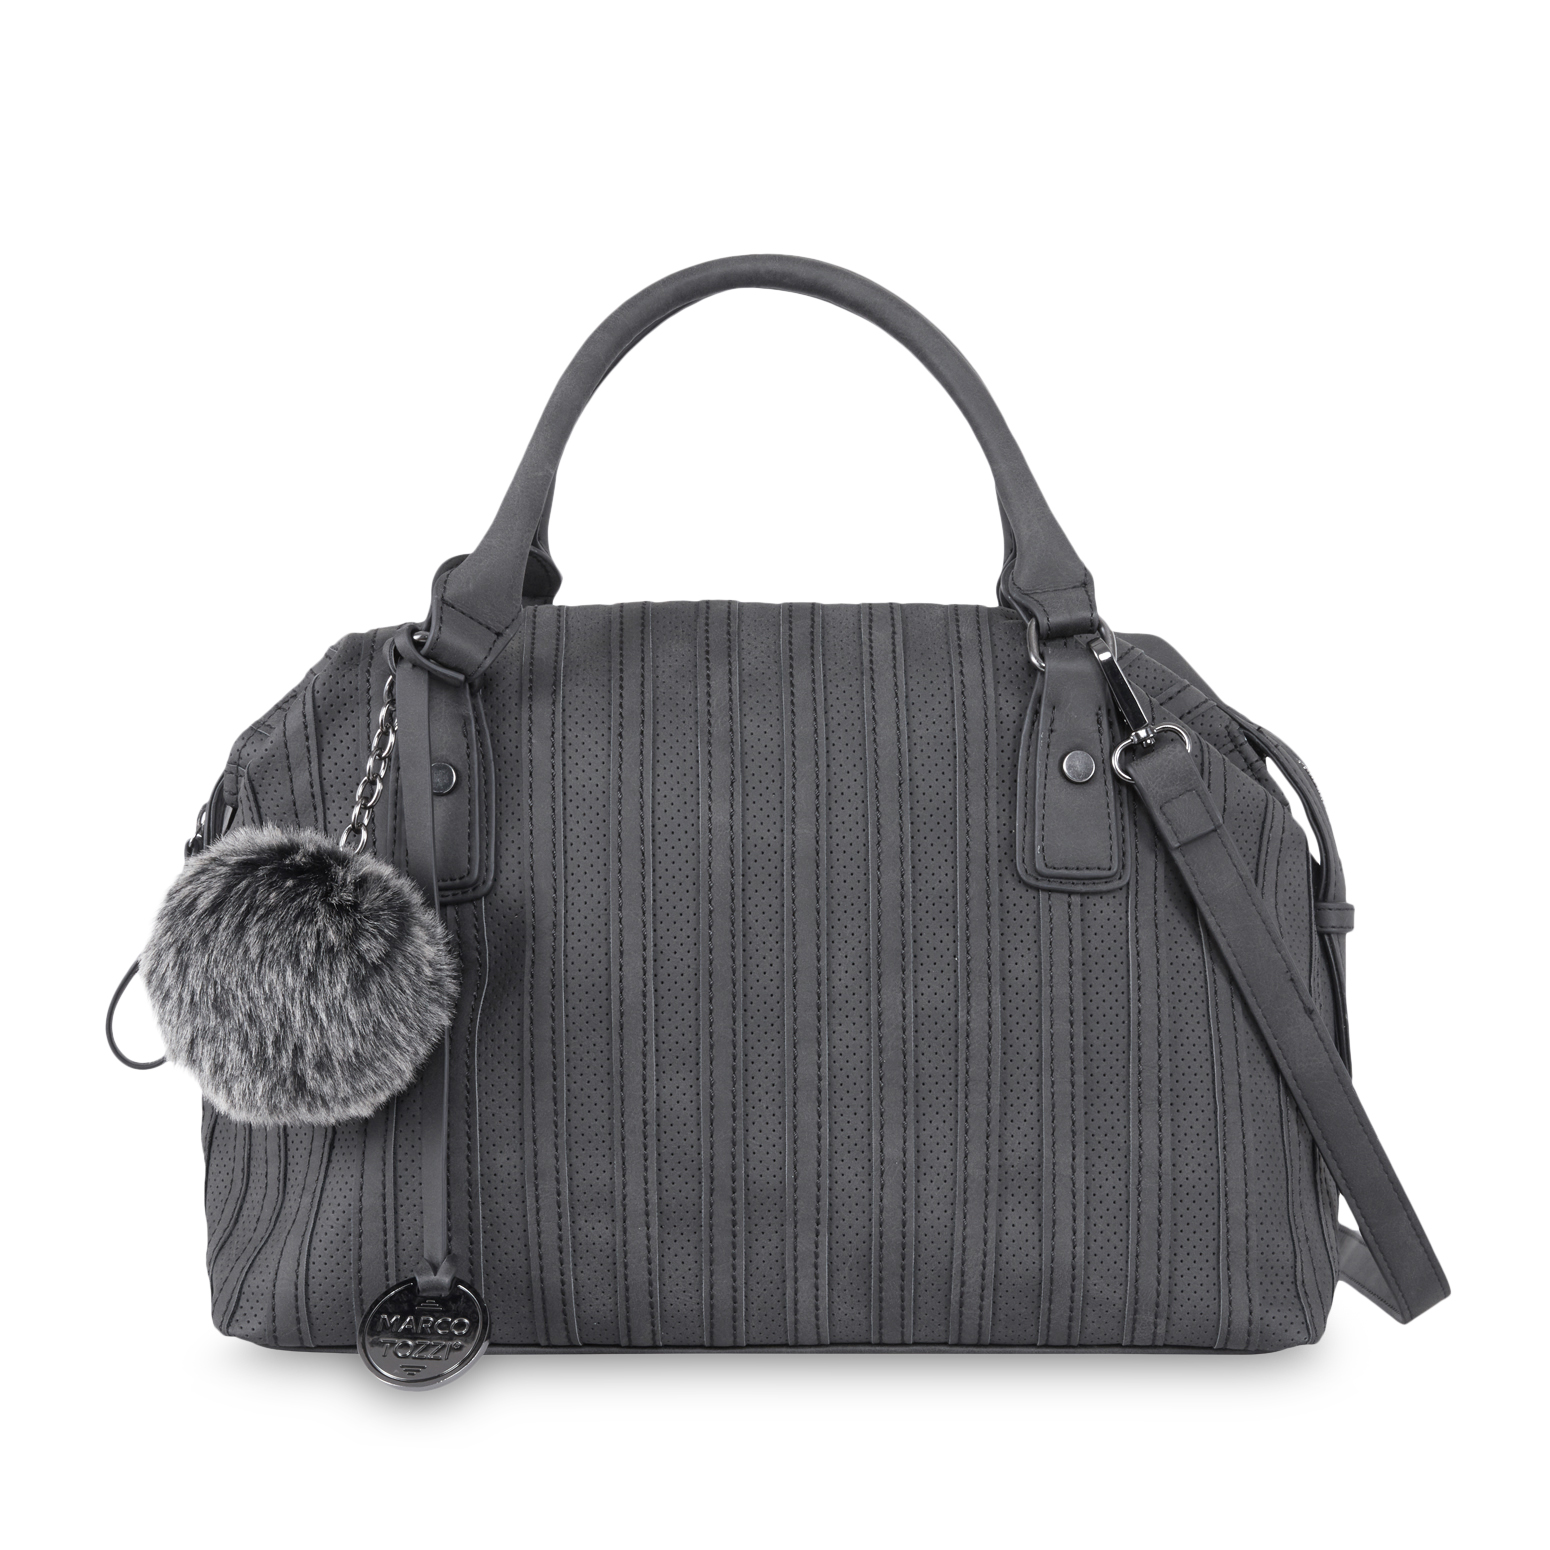 luce 2 2 61018 29 handtaschen von marco tozzi online kaufen. Black Bedroom Furniture Sets. Home Design Ideas